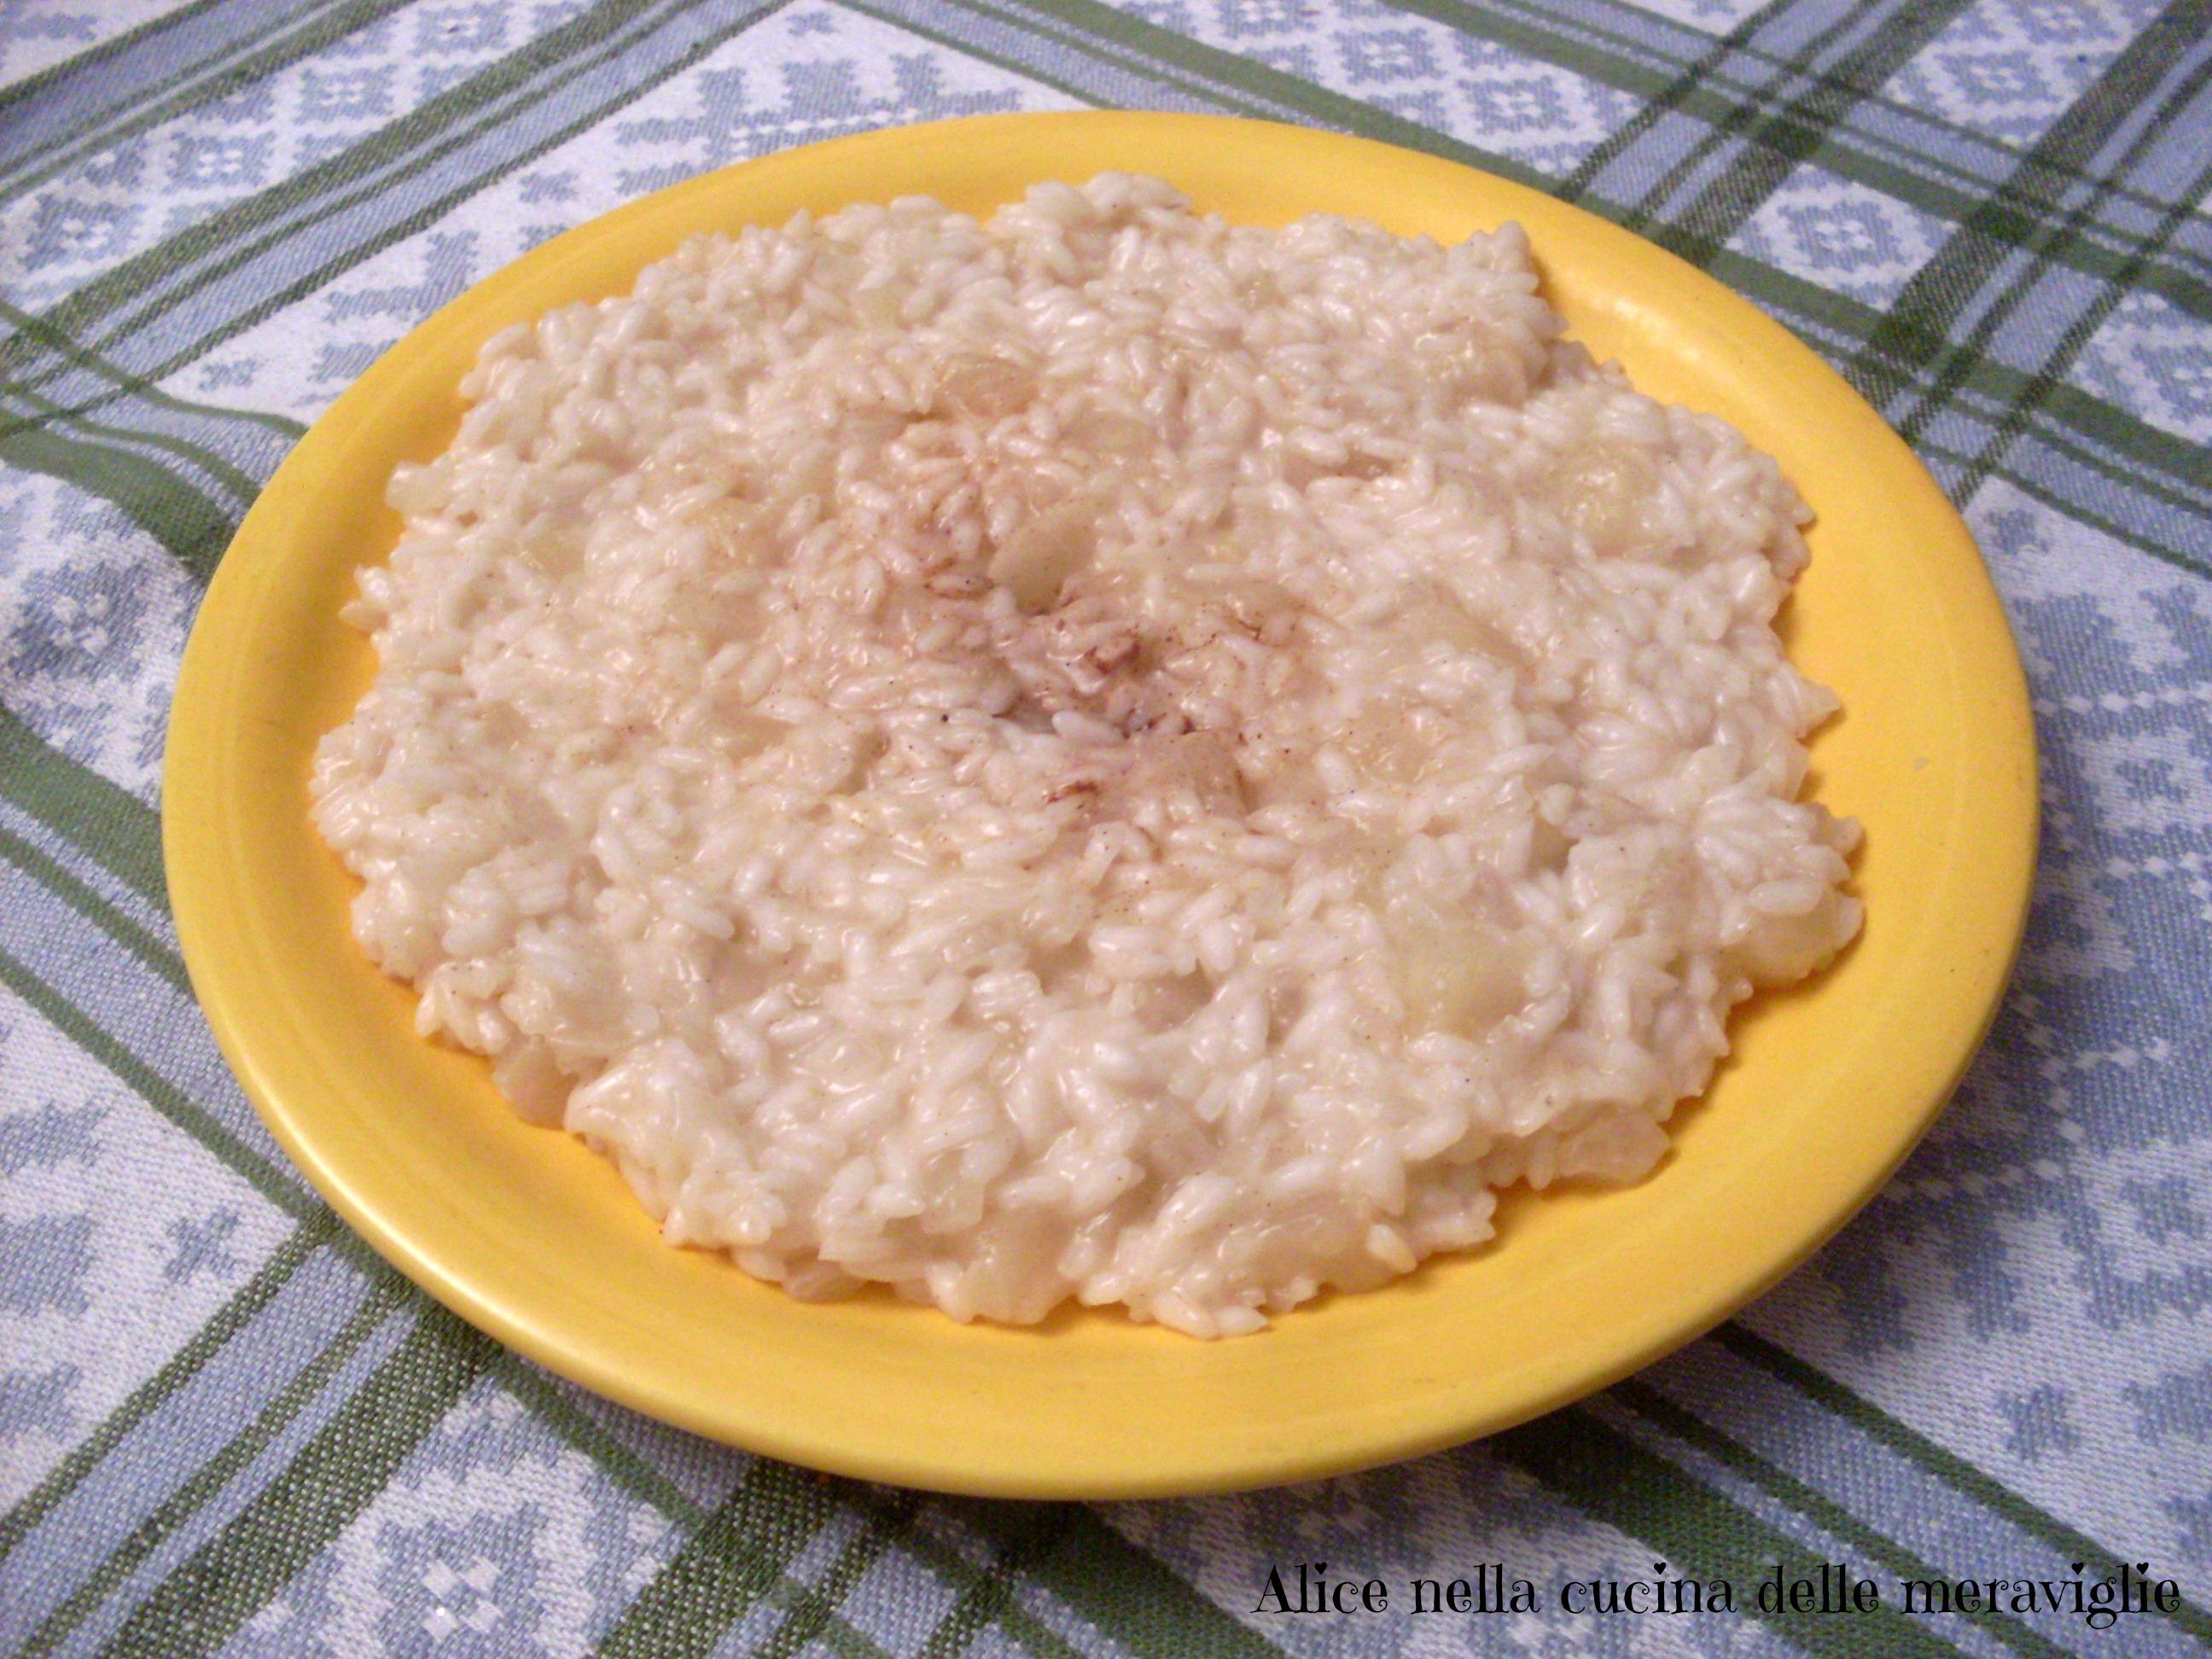 Risotto pere e cannella Ricetta primo piatto vegetariano Alice nella cucina delle meraviglie